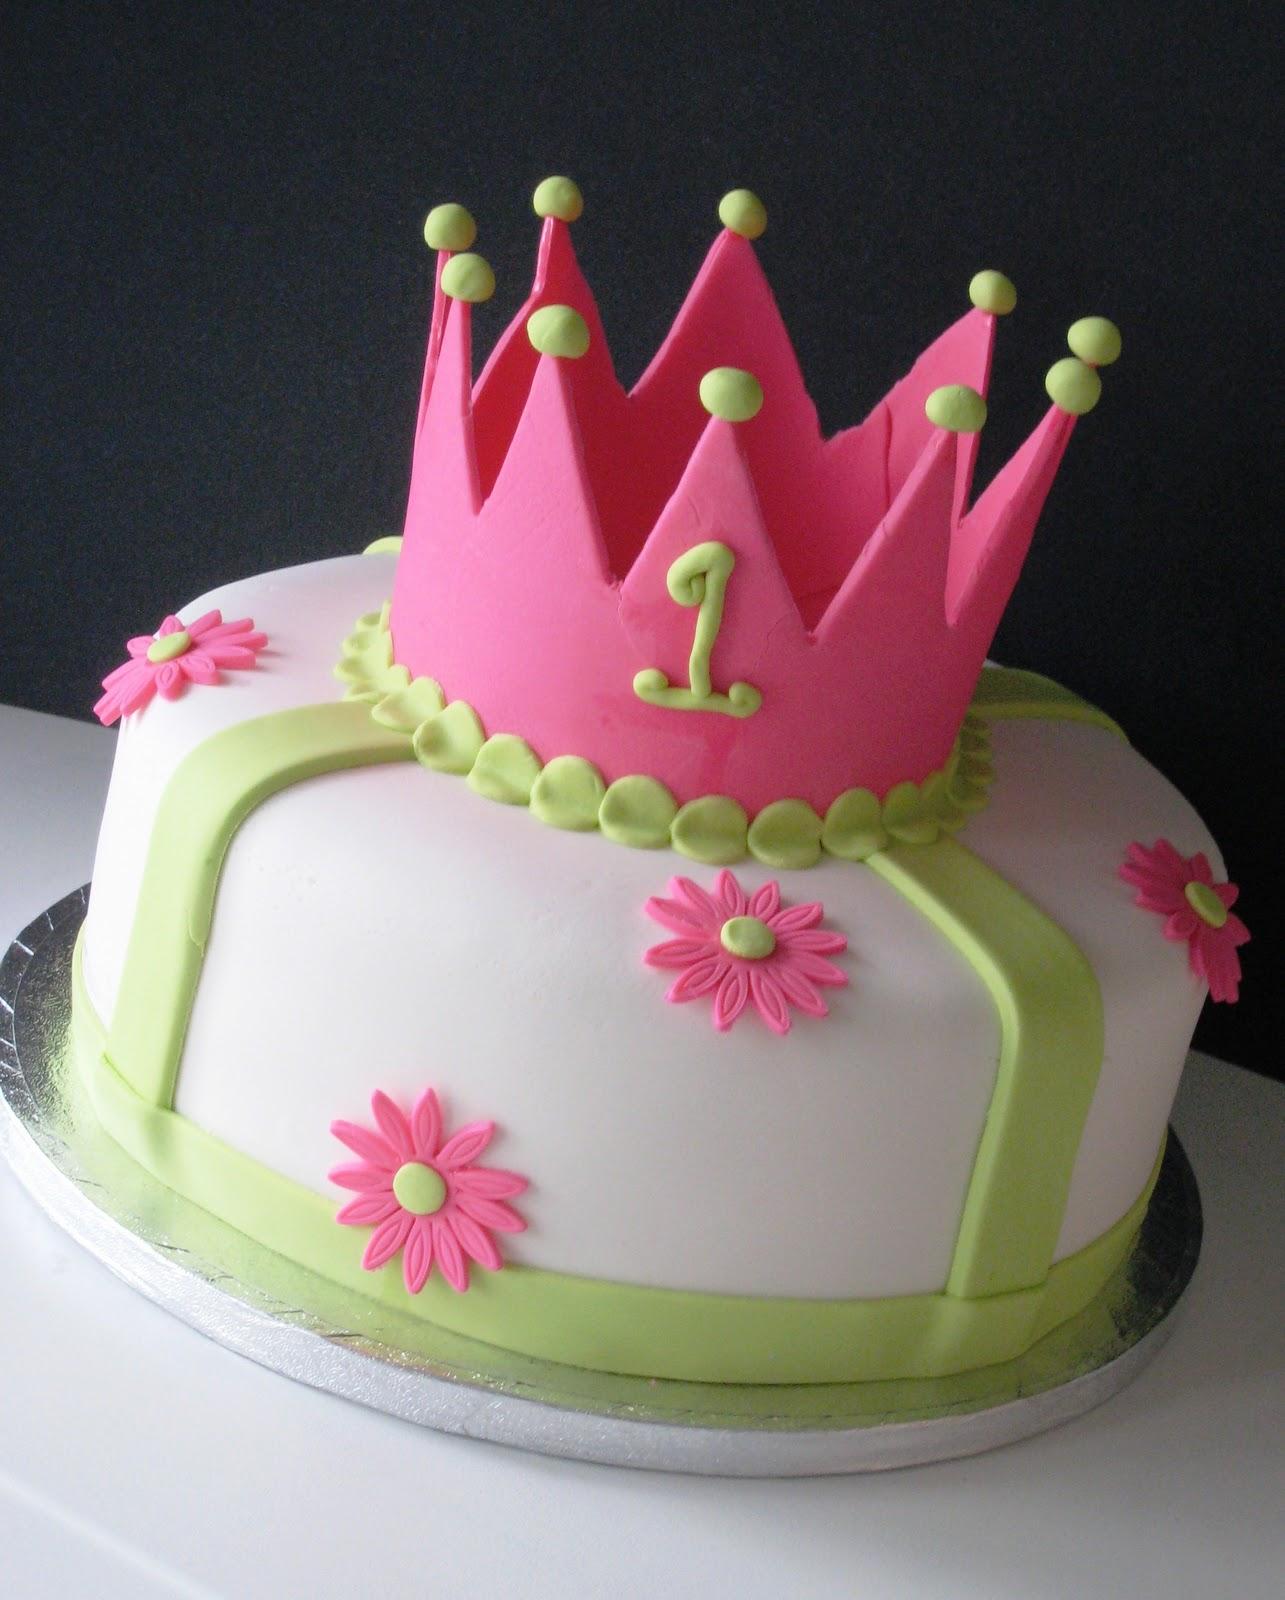 Princess Birthday Cakes Birthdays Cake Ideas 1st